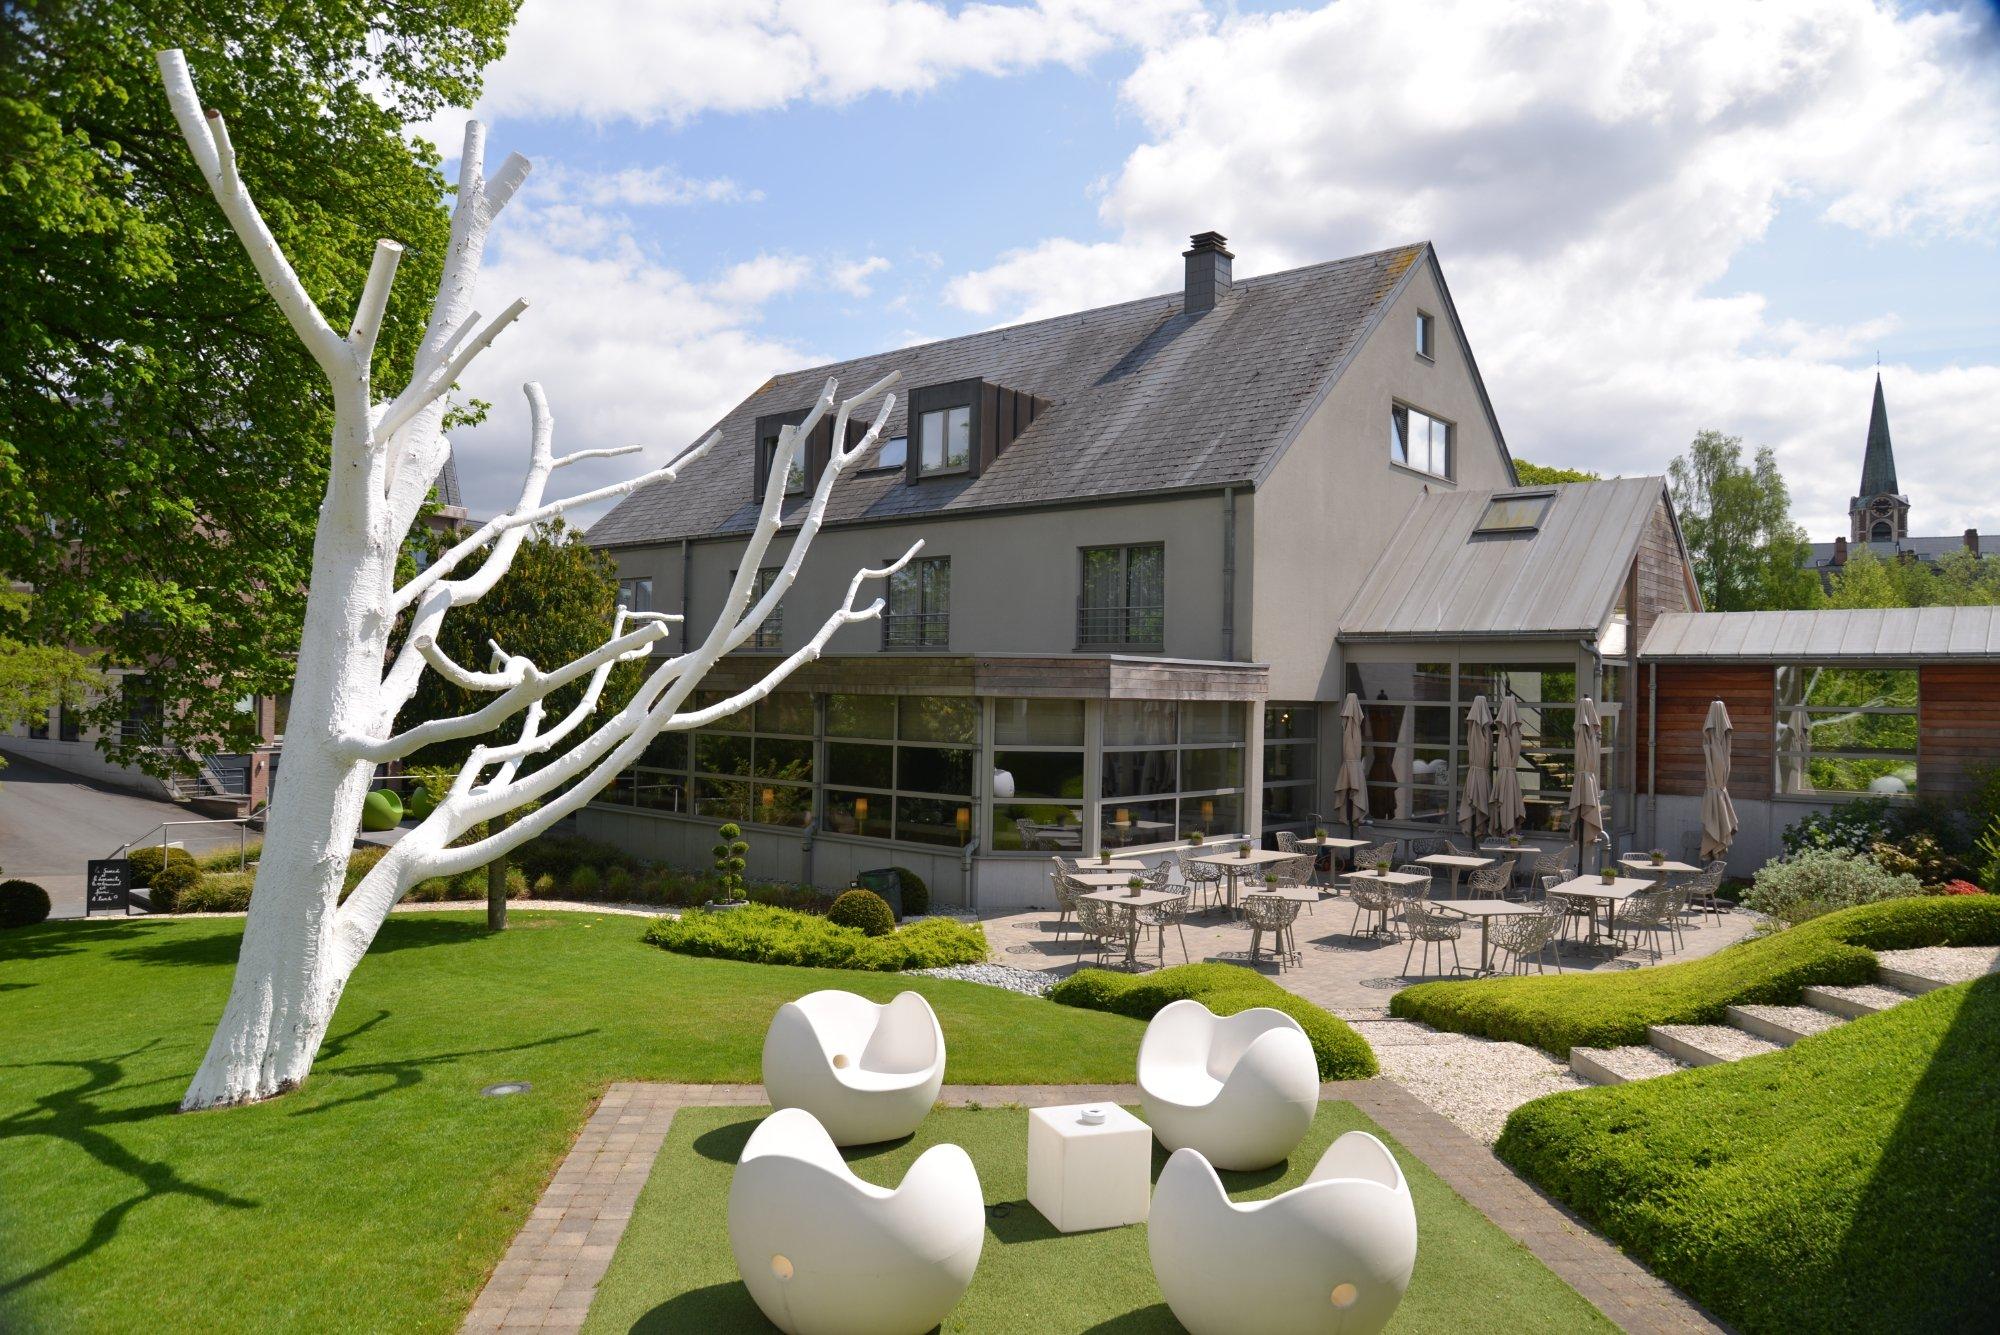 Hotel Le Cote Vert